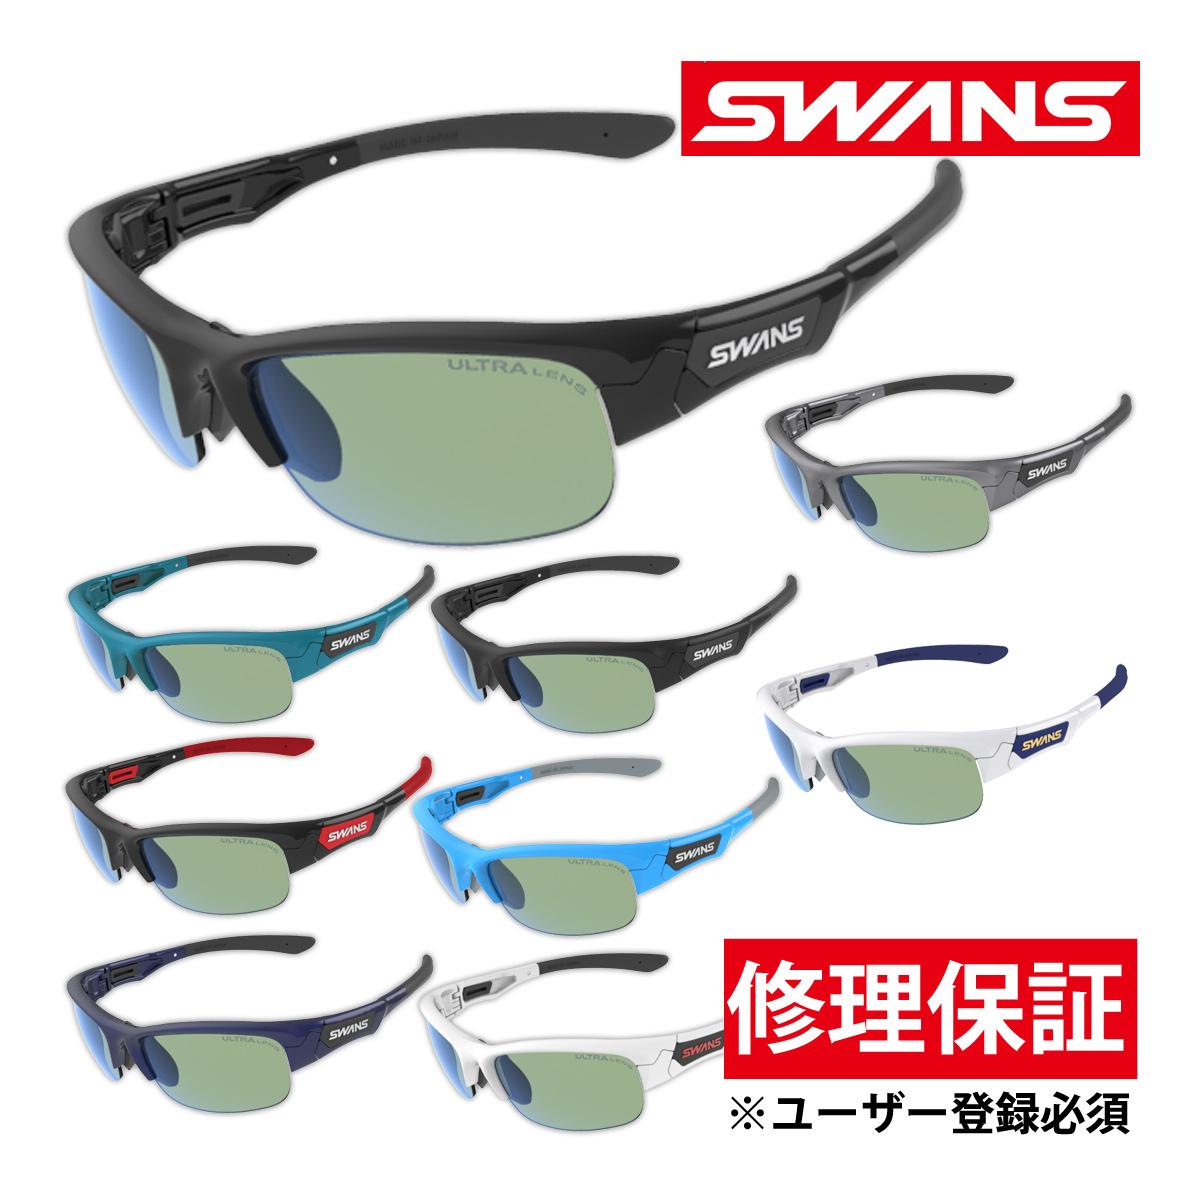 サングラス 偏光レンズ ウルトラレンズ 両面マルチ メンズ レディース ドライブ 釣り ゴルフ スポーツ SPRINGBOK フレーム+L-SPB-0168 PLGRN おすすめ 人気 SWANS スワンズ